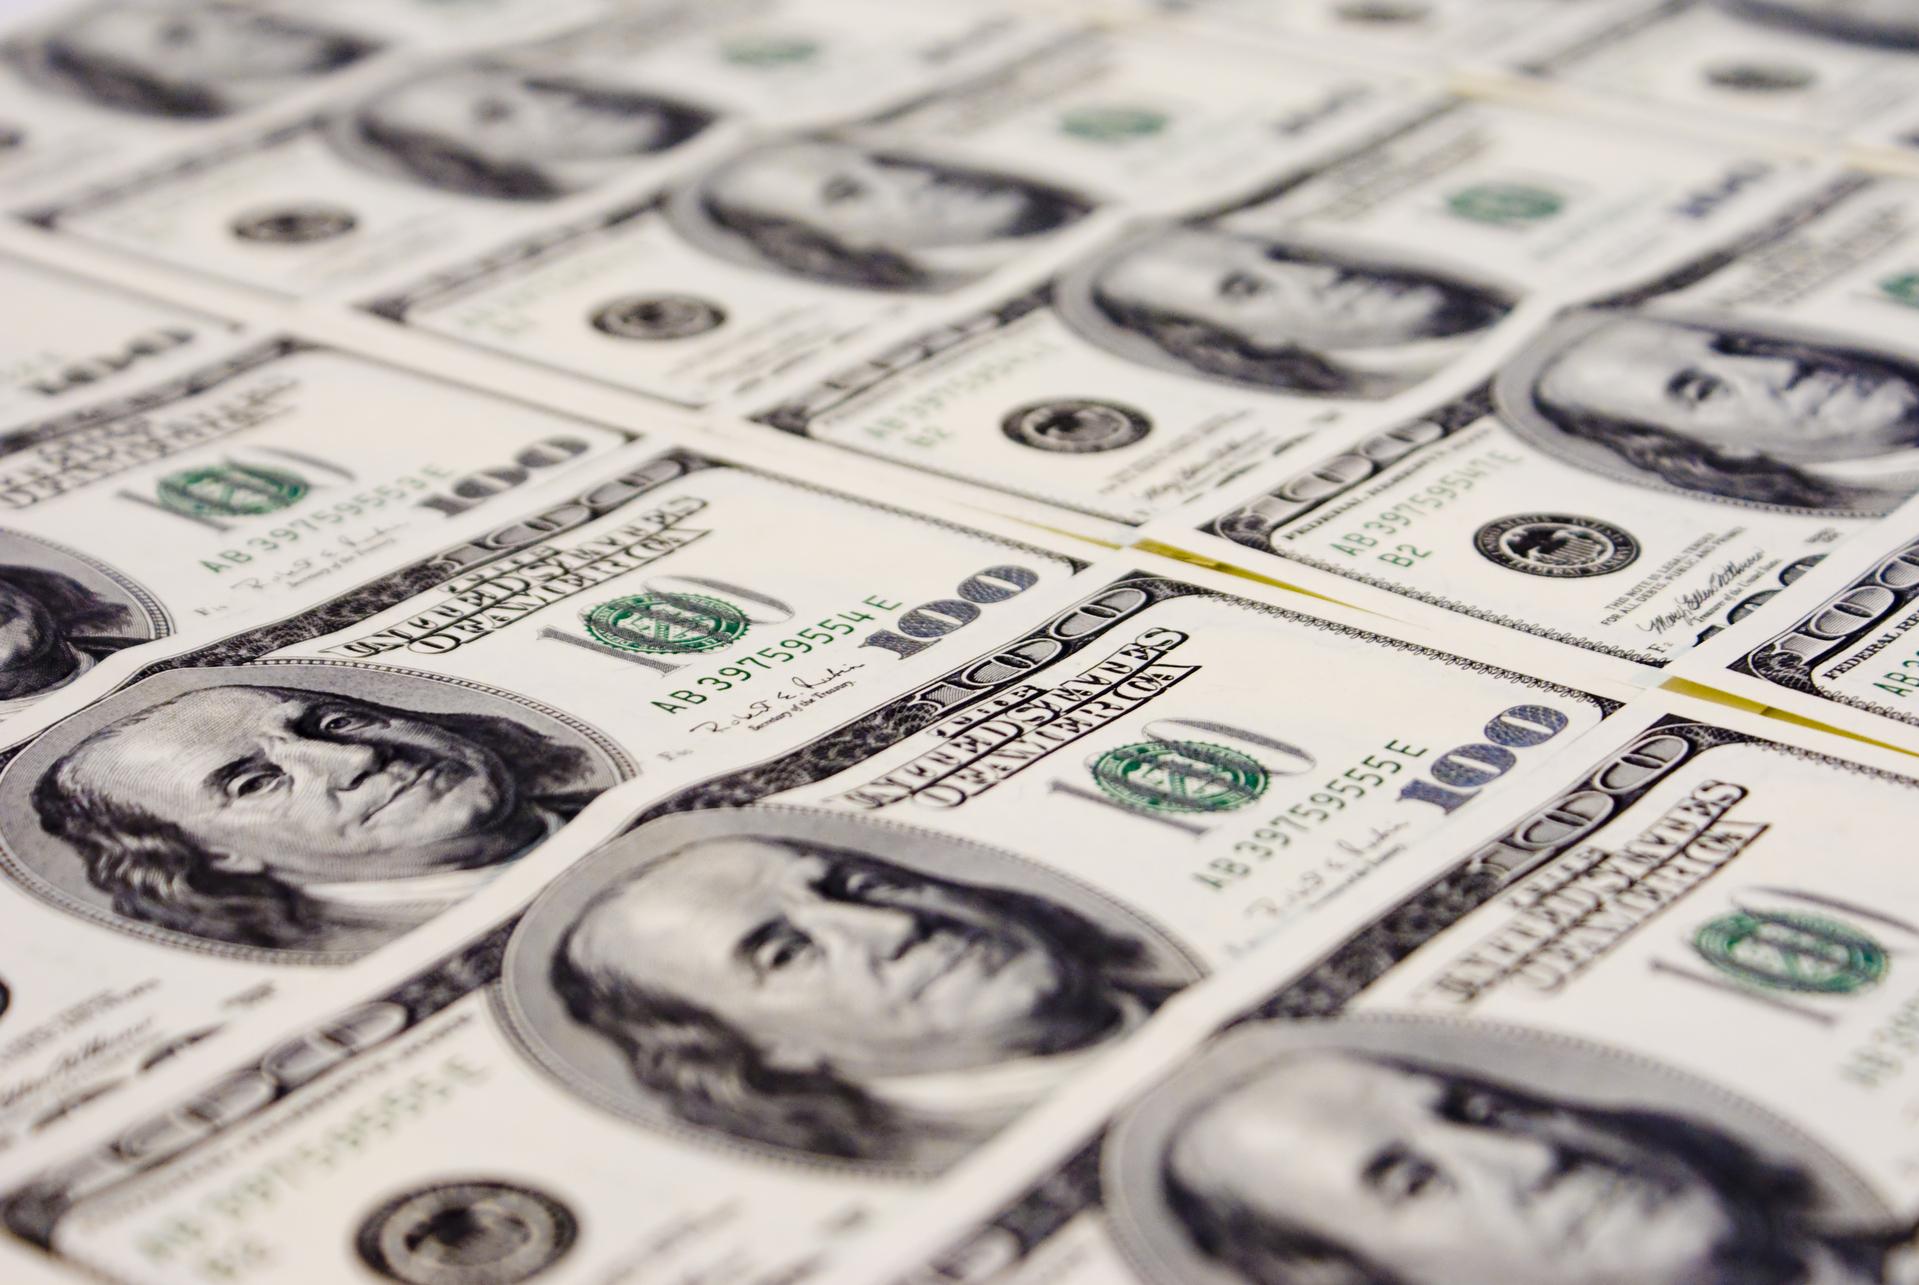 Dólar cai 0,732% a R$ 5,4252 após forte alta na semana anterior